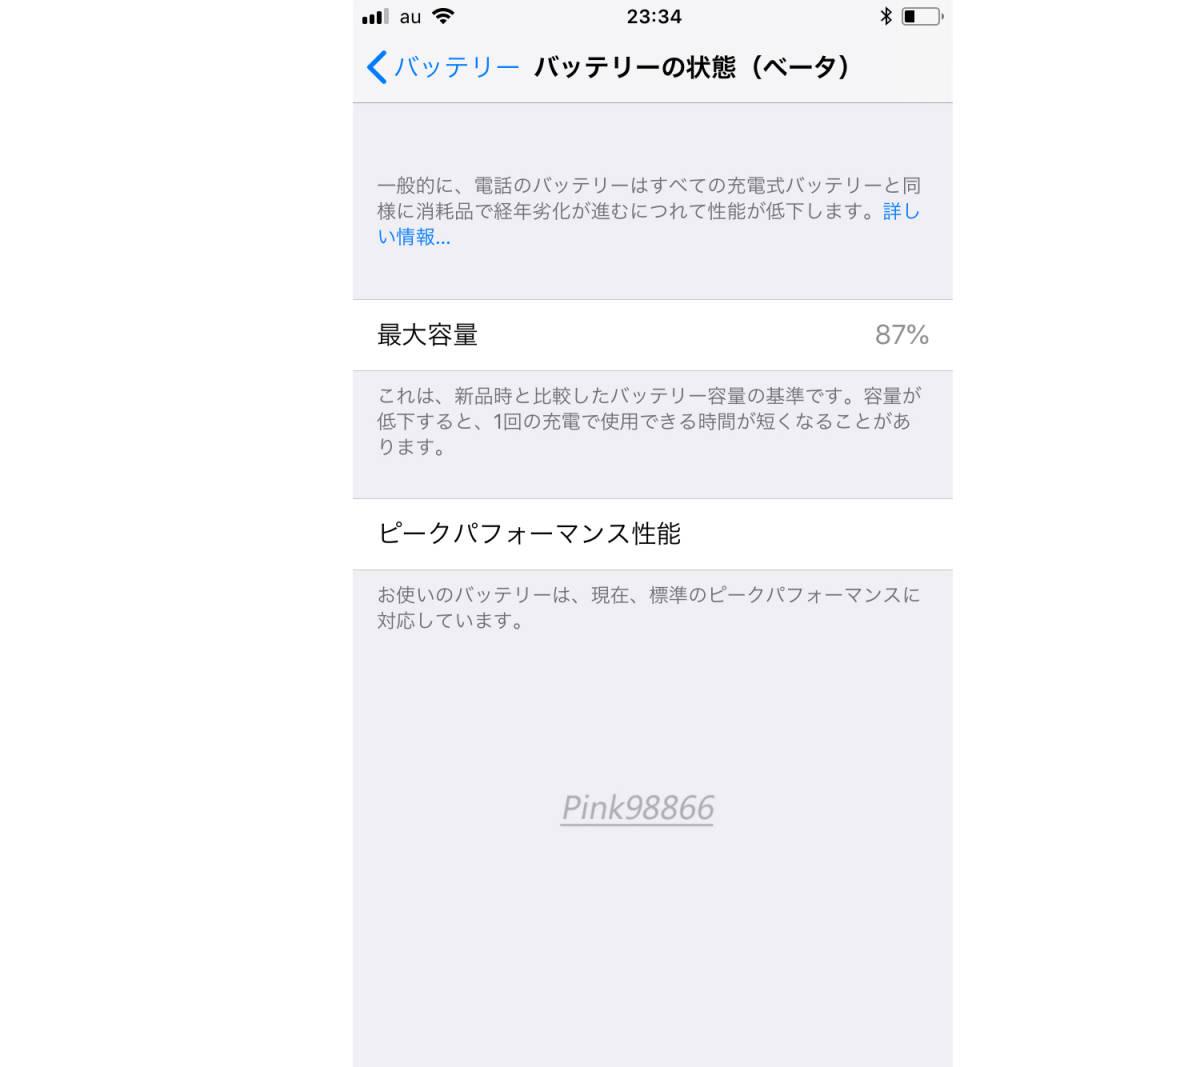 ☆人気☆au iPhone6S 16GB スペースグレイ/本体16G/格安MVNO SIM使用可能/格安SIM月額700円から/IOS11.4/電池最大容量87%_画像6